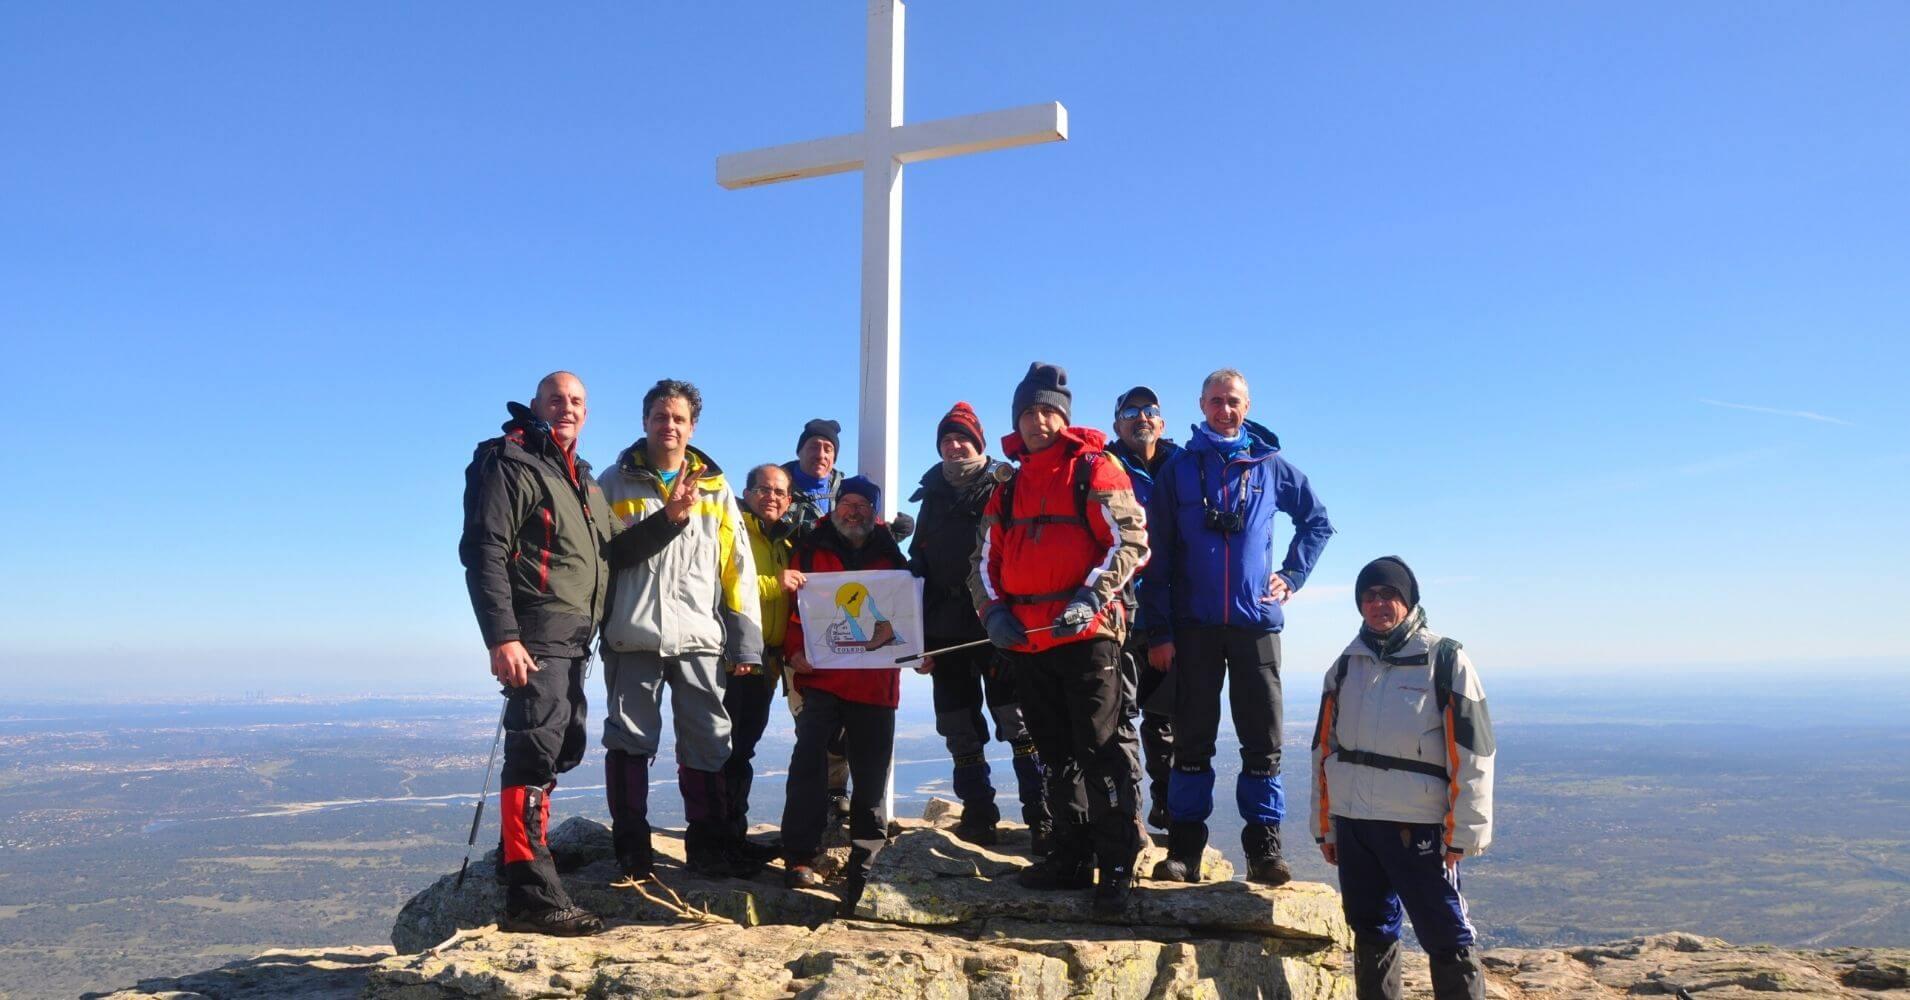 Cumbre del Pico Abantos. Sierra de Guadarrama. El Escorial.